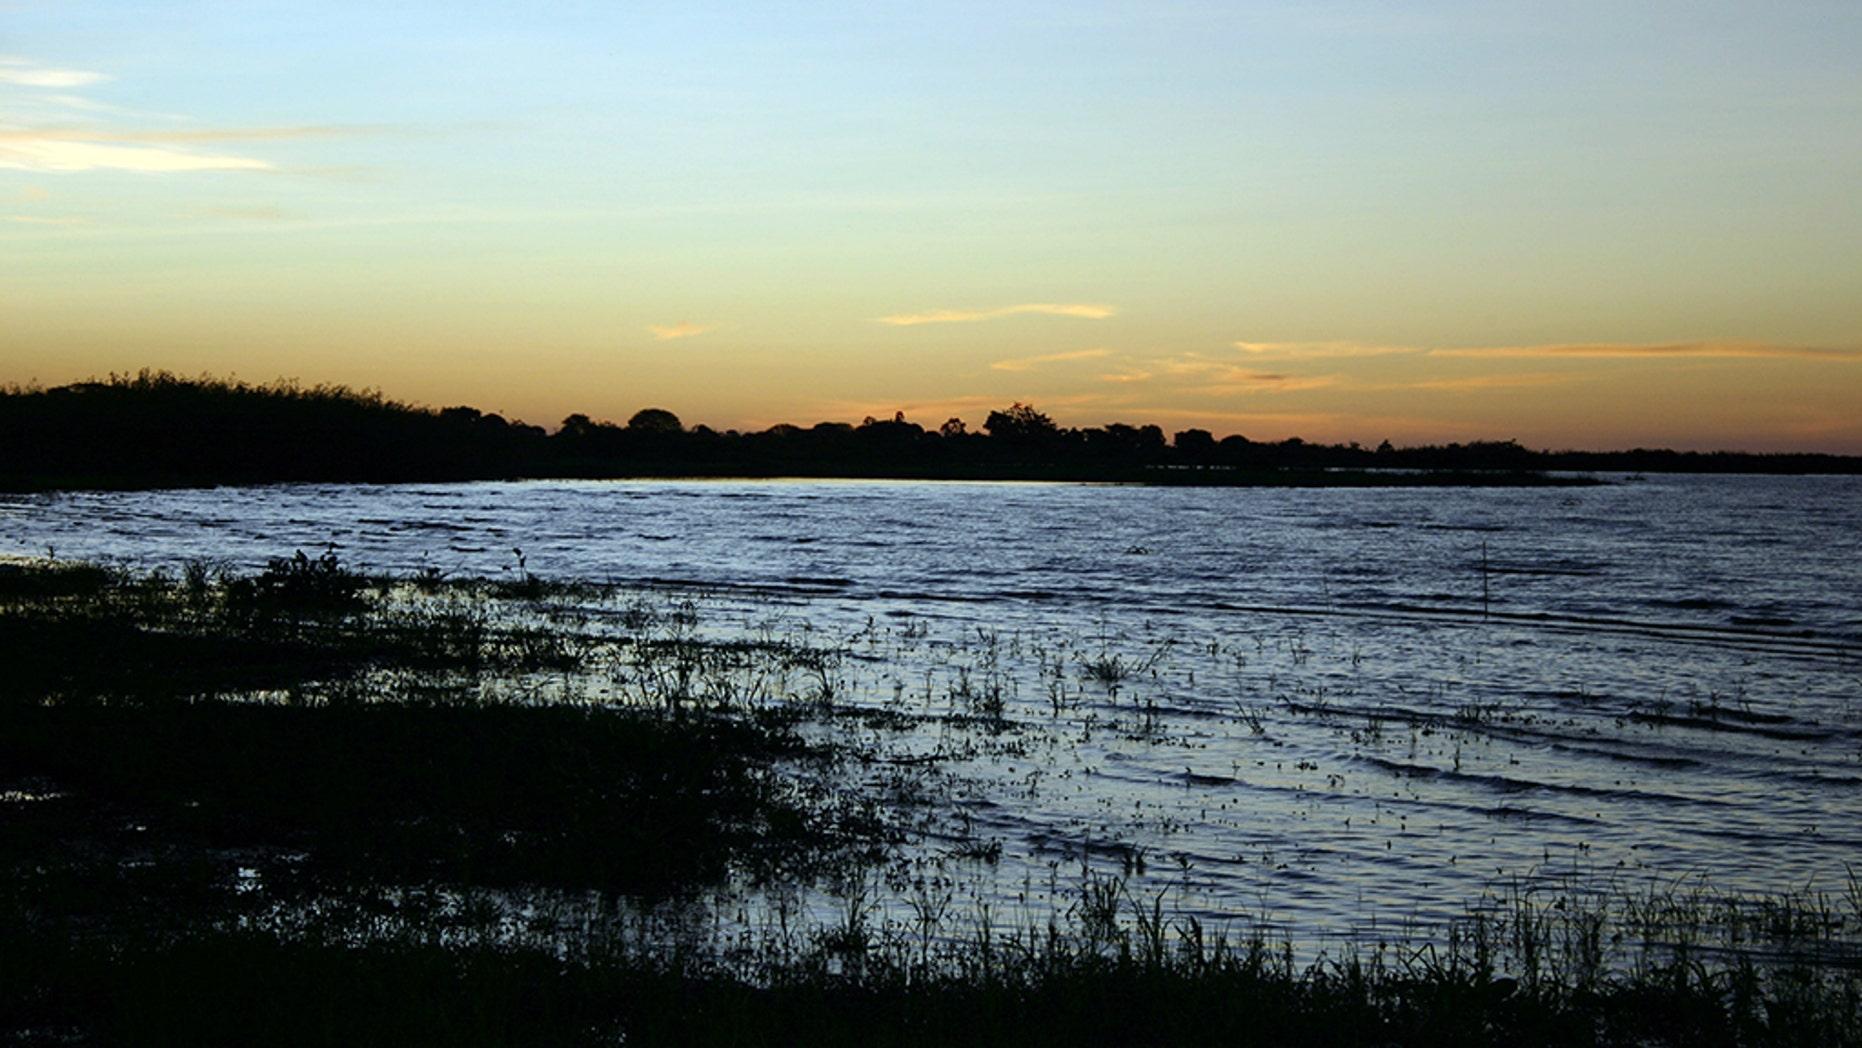 Lake Victoria straddles the borders of Kenya, Tanzania and Uganda.